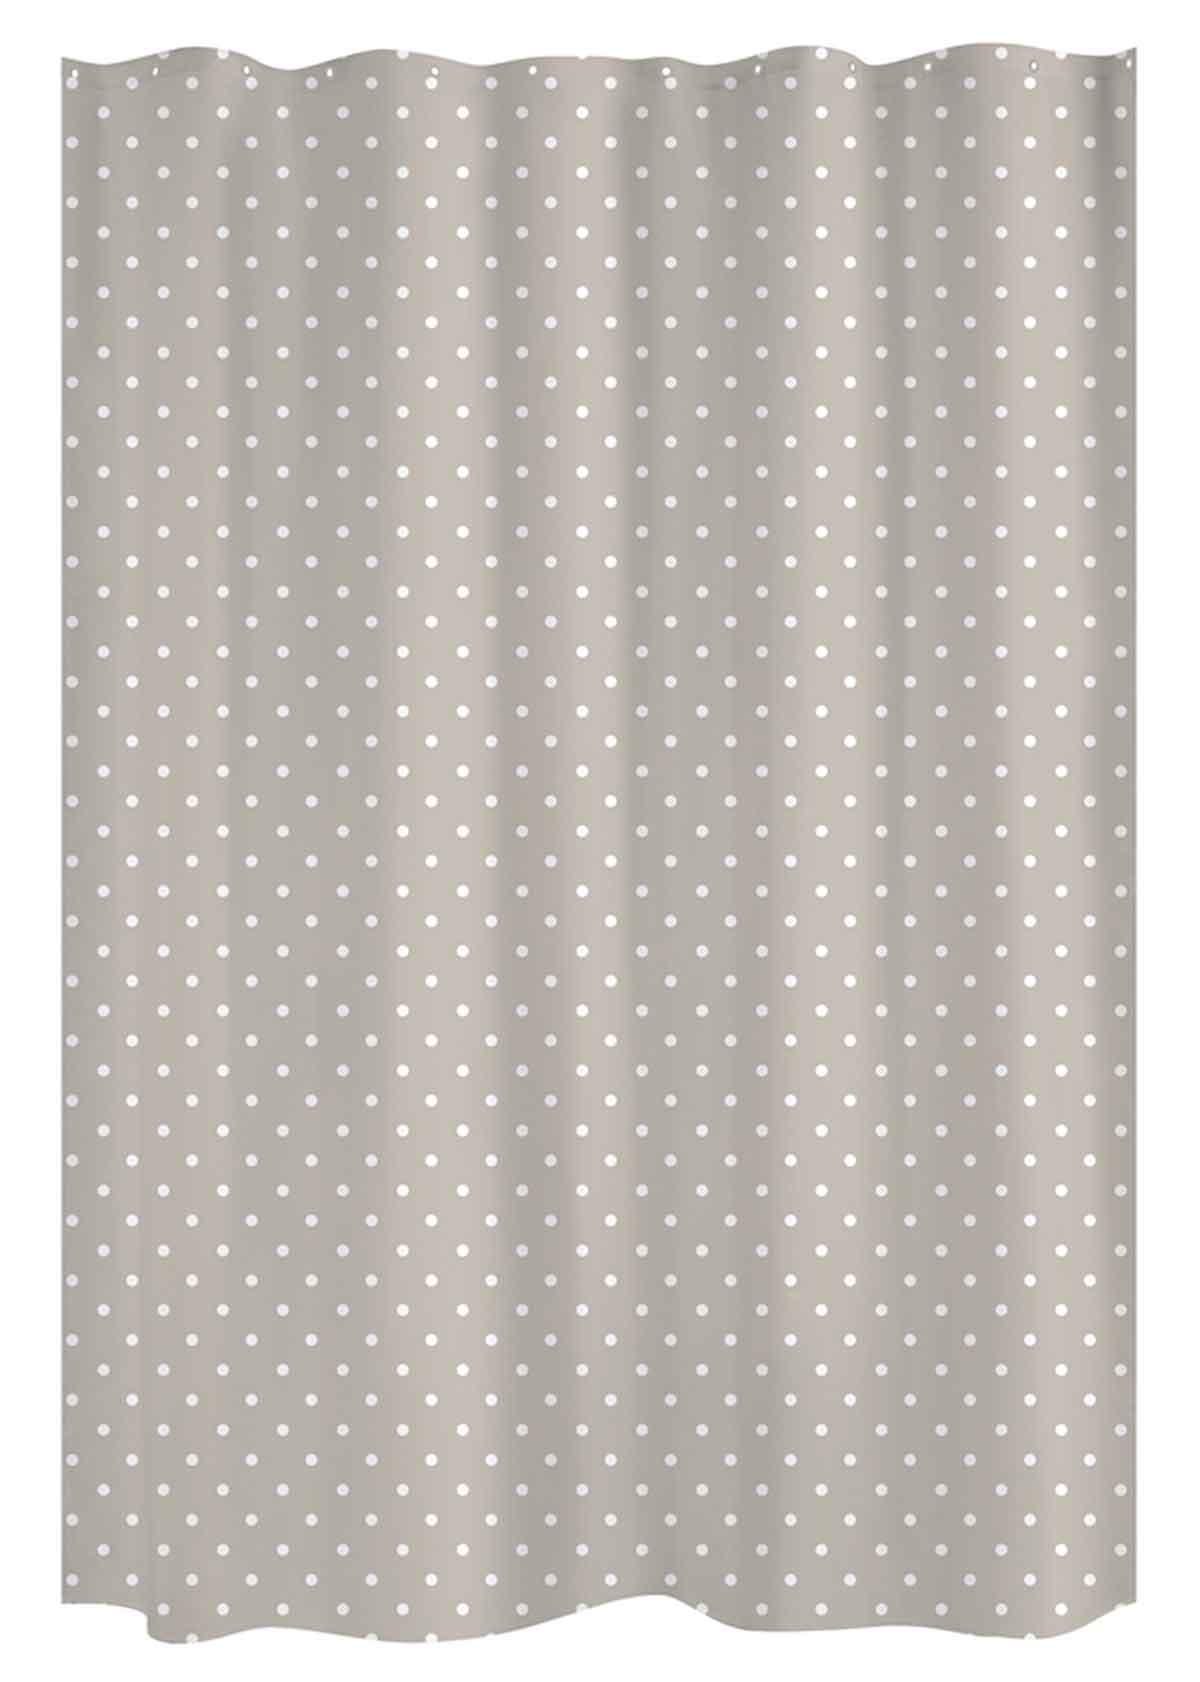 Rideau de douche à pois blancs polyester taupe/blanc x